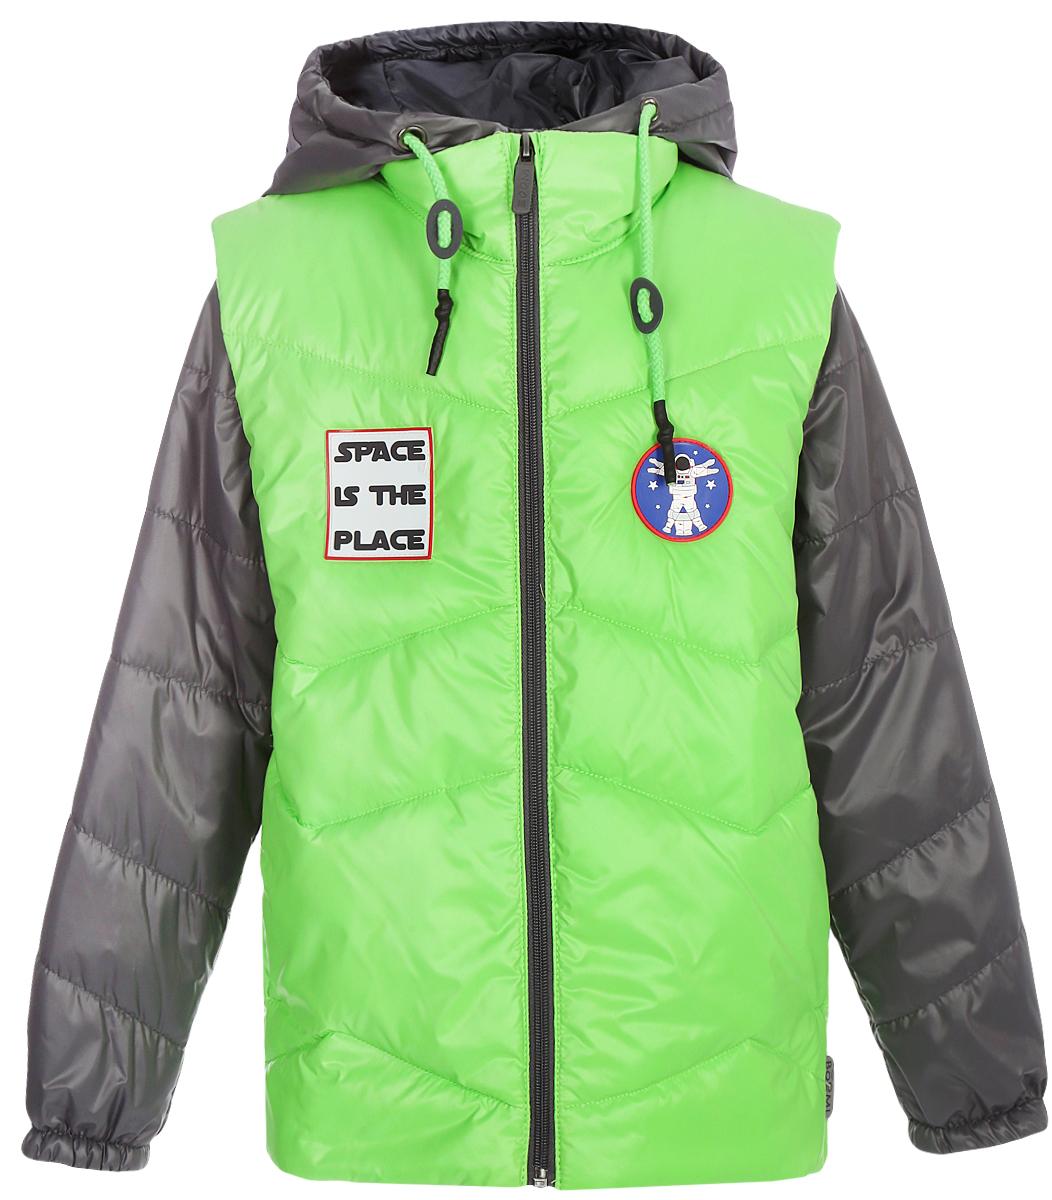 Куртка для мальчика Boom!, цвет: салатовый. 80016_BOB. Размер 10480016_BOBКуртка для мальчика Boom! выполнена из качественного материала. Куртка 3 в 1. В одной модели сразу три вещи: теплая куртка, стильная жилетка и толстовка из футера петельного с рукавами из ткани верха. Тепло, стильно и практично!